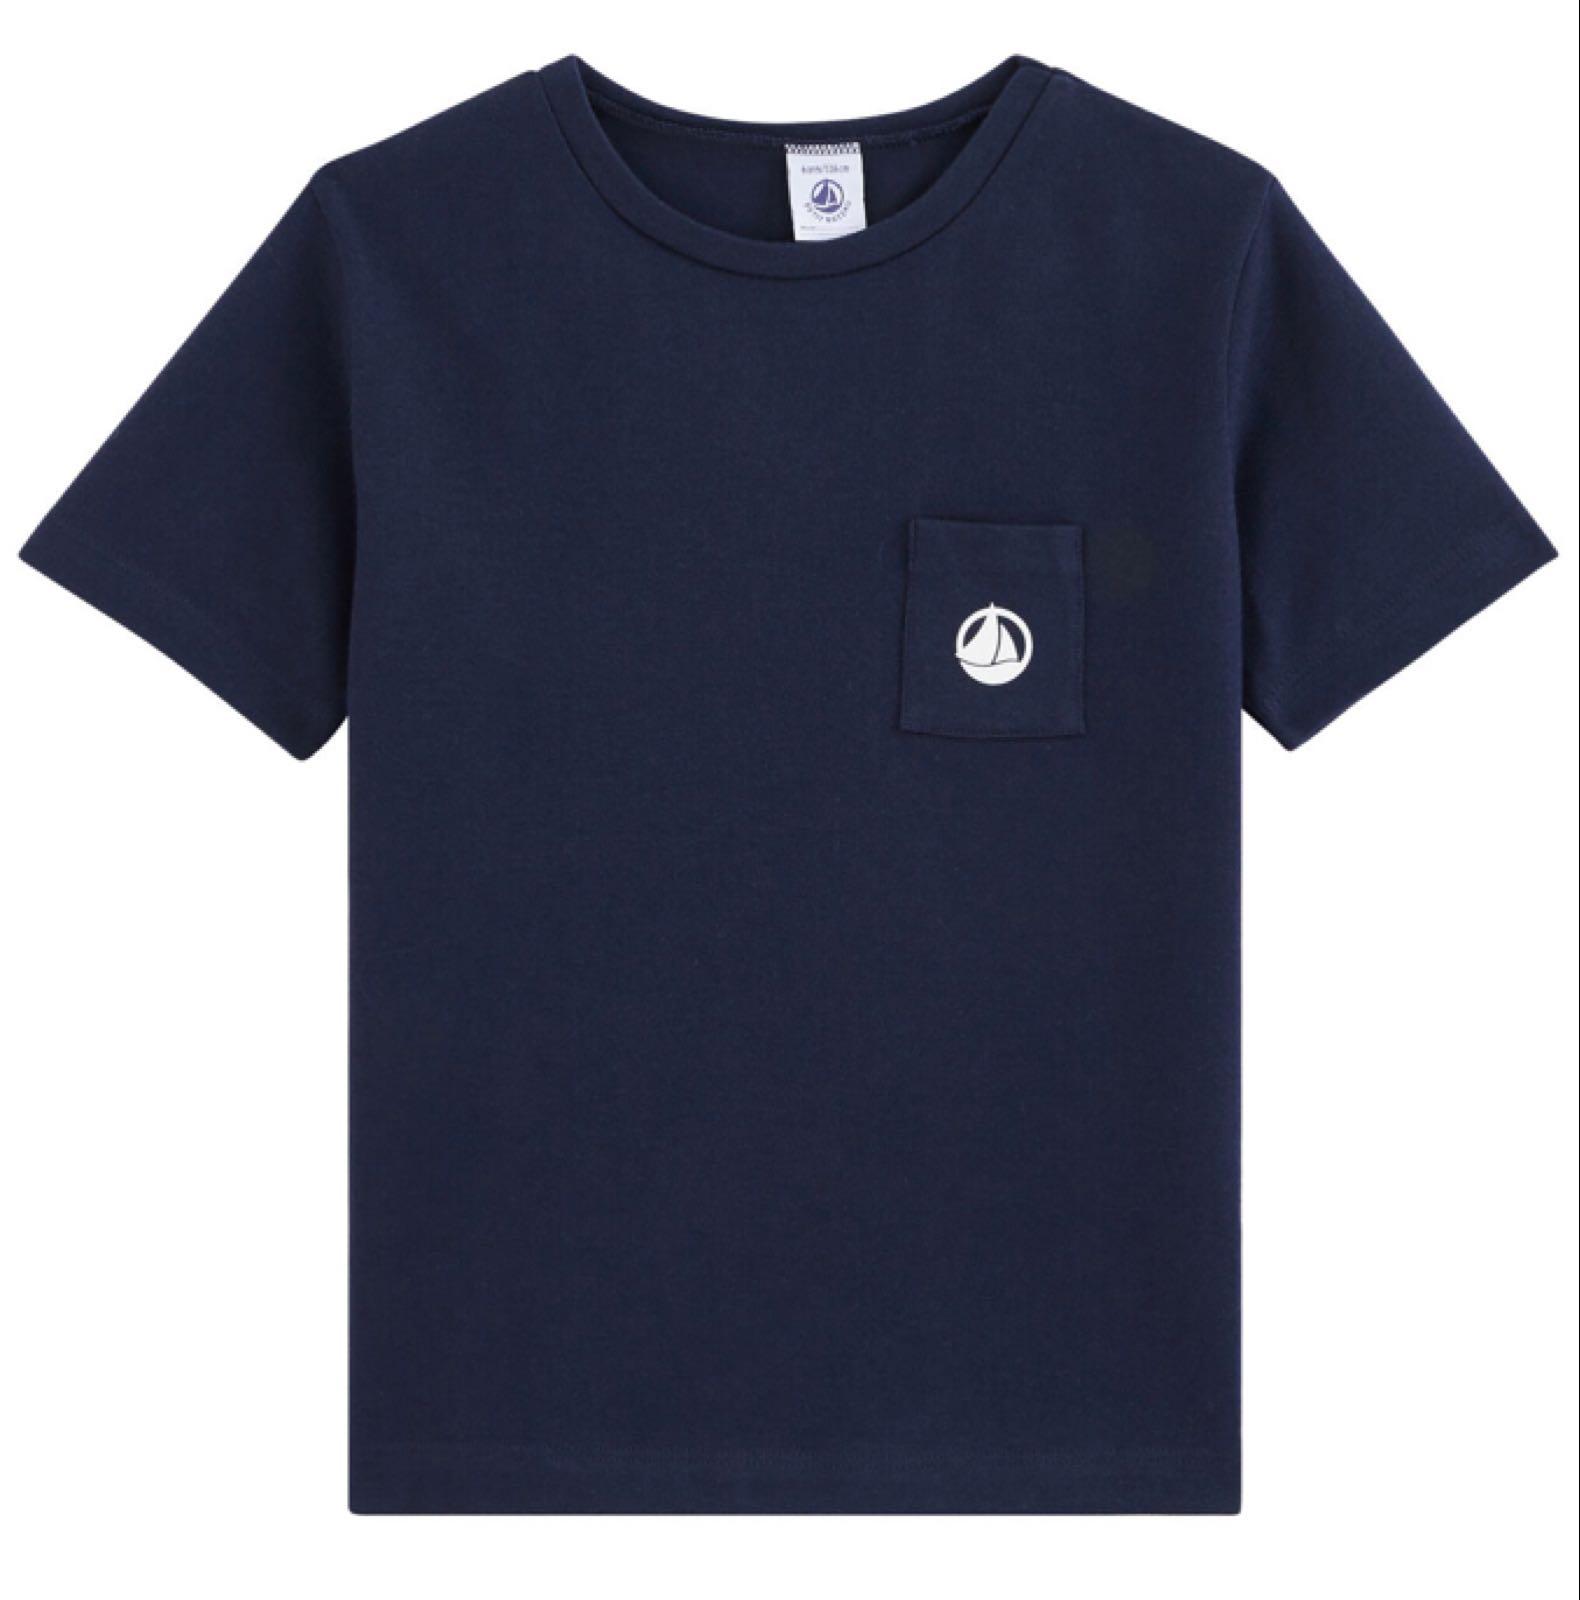 Petit Bateau Boys' Navy T Shirt